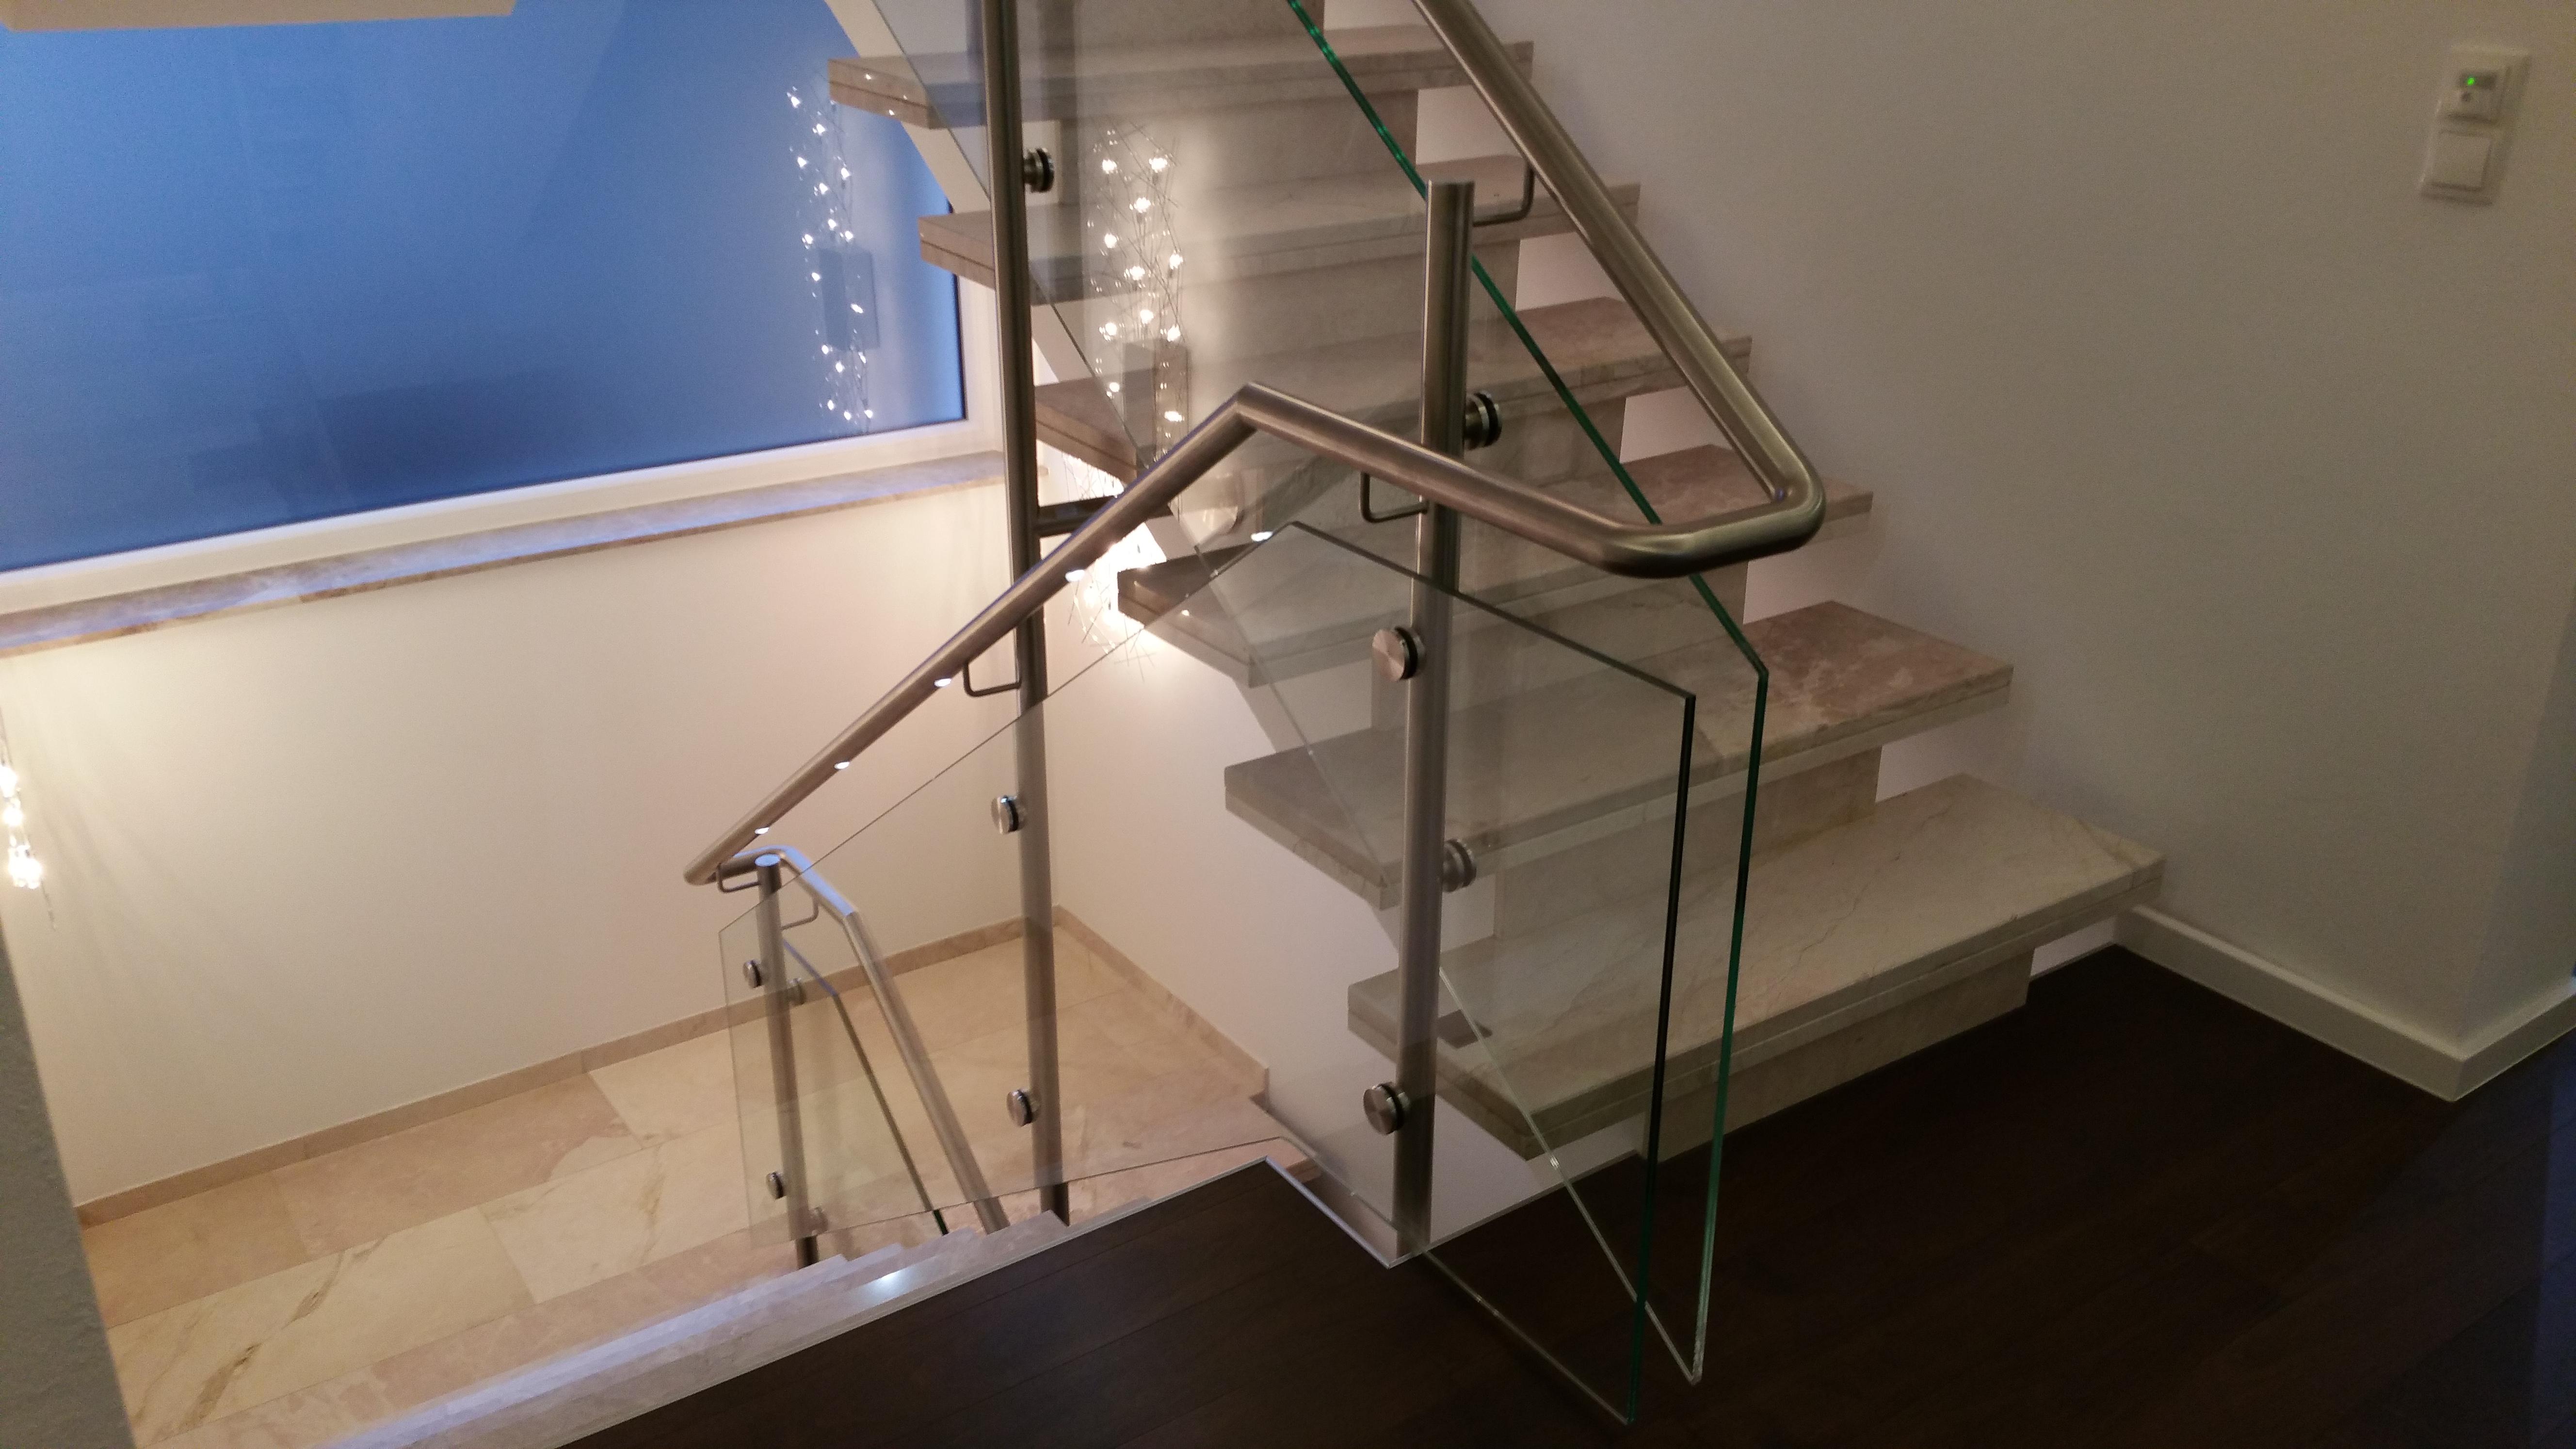 Beleuchtung Geländer | Schlosser und Metallbauarbeiten Br derlin 160079 1